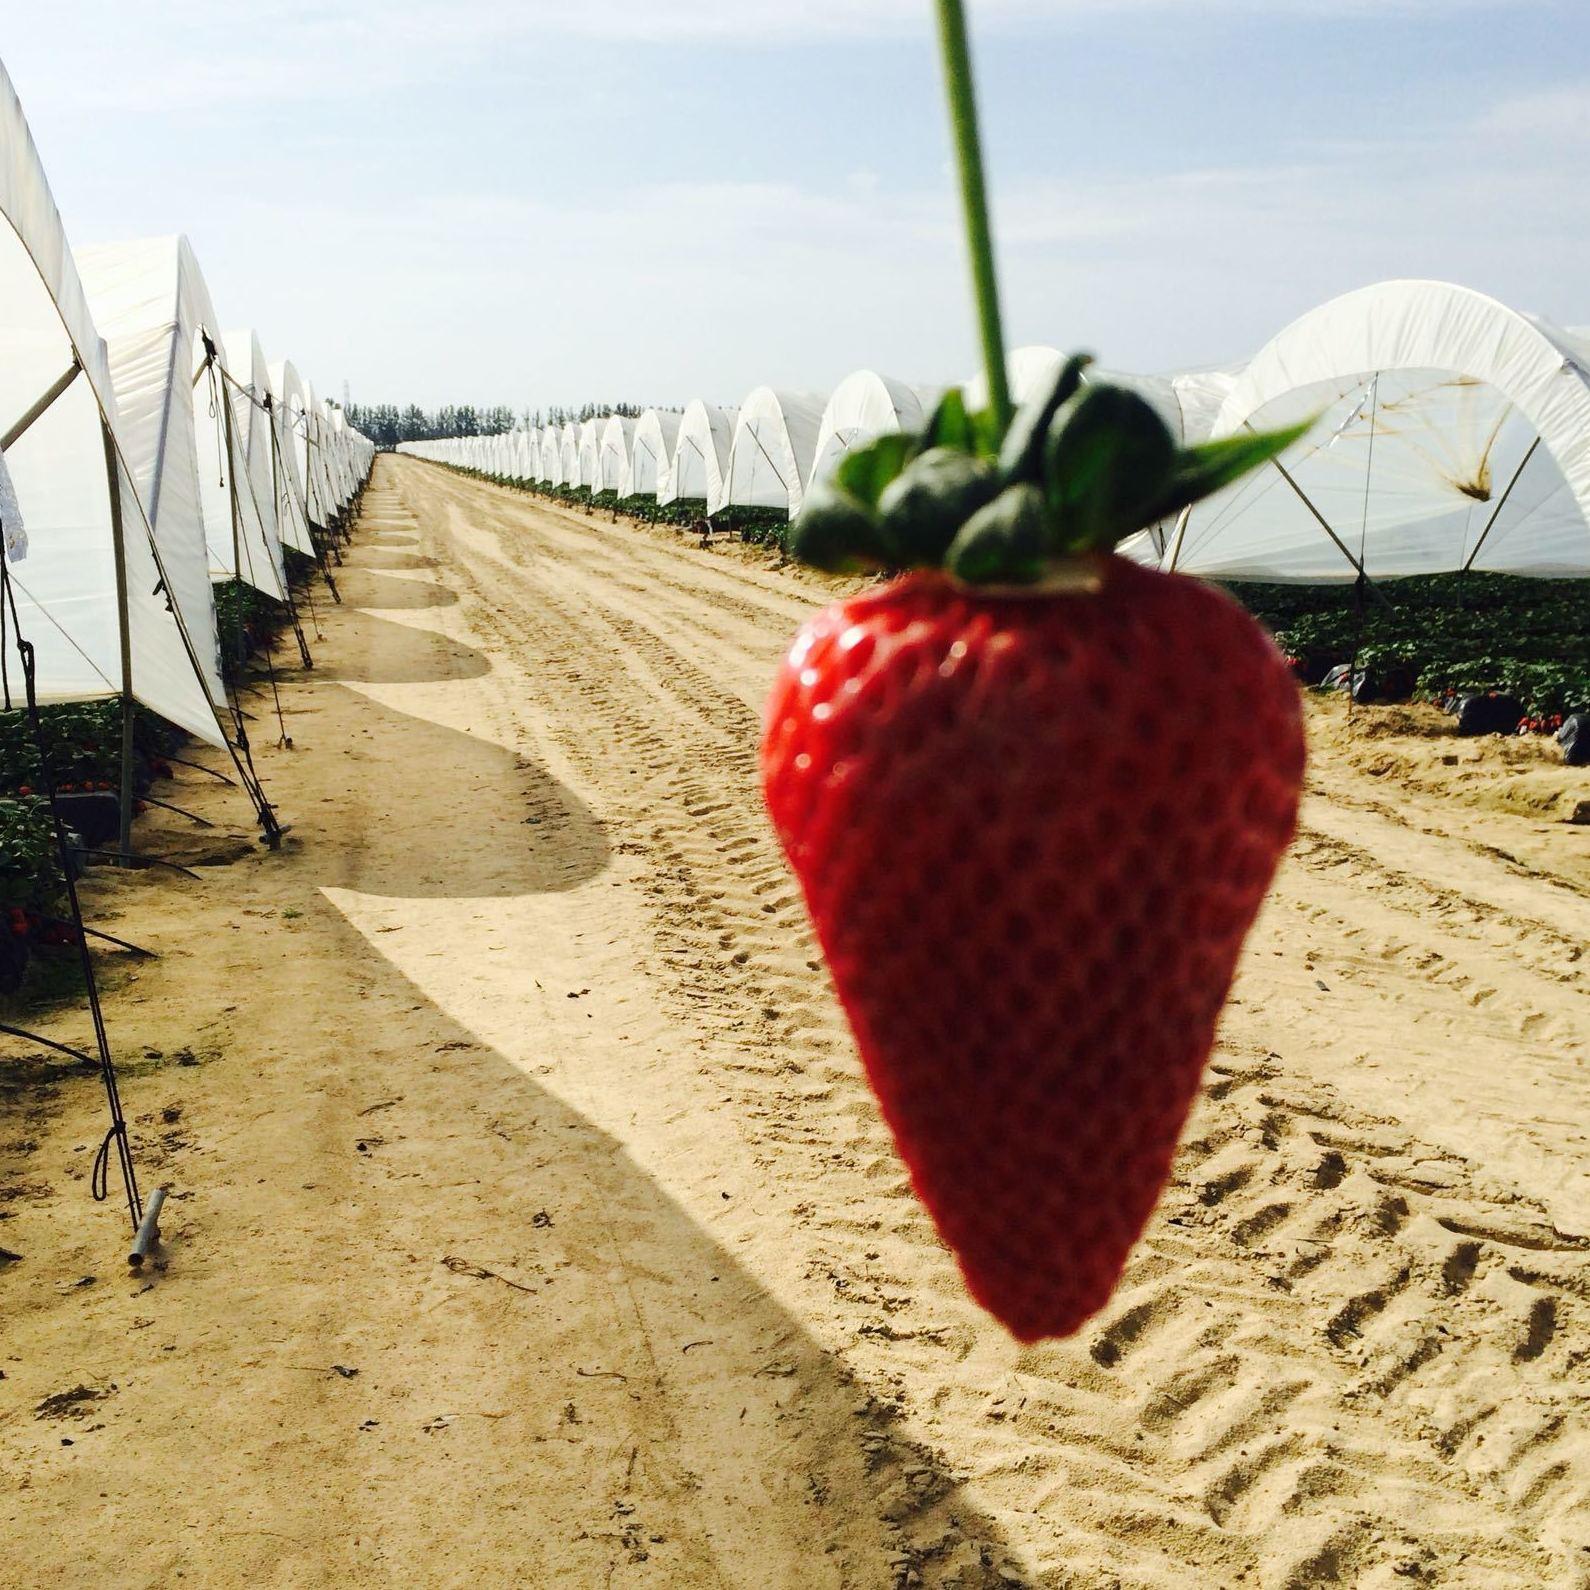 Foto 10 de Producción de frutas en Murcia | Frutas Maripí